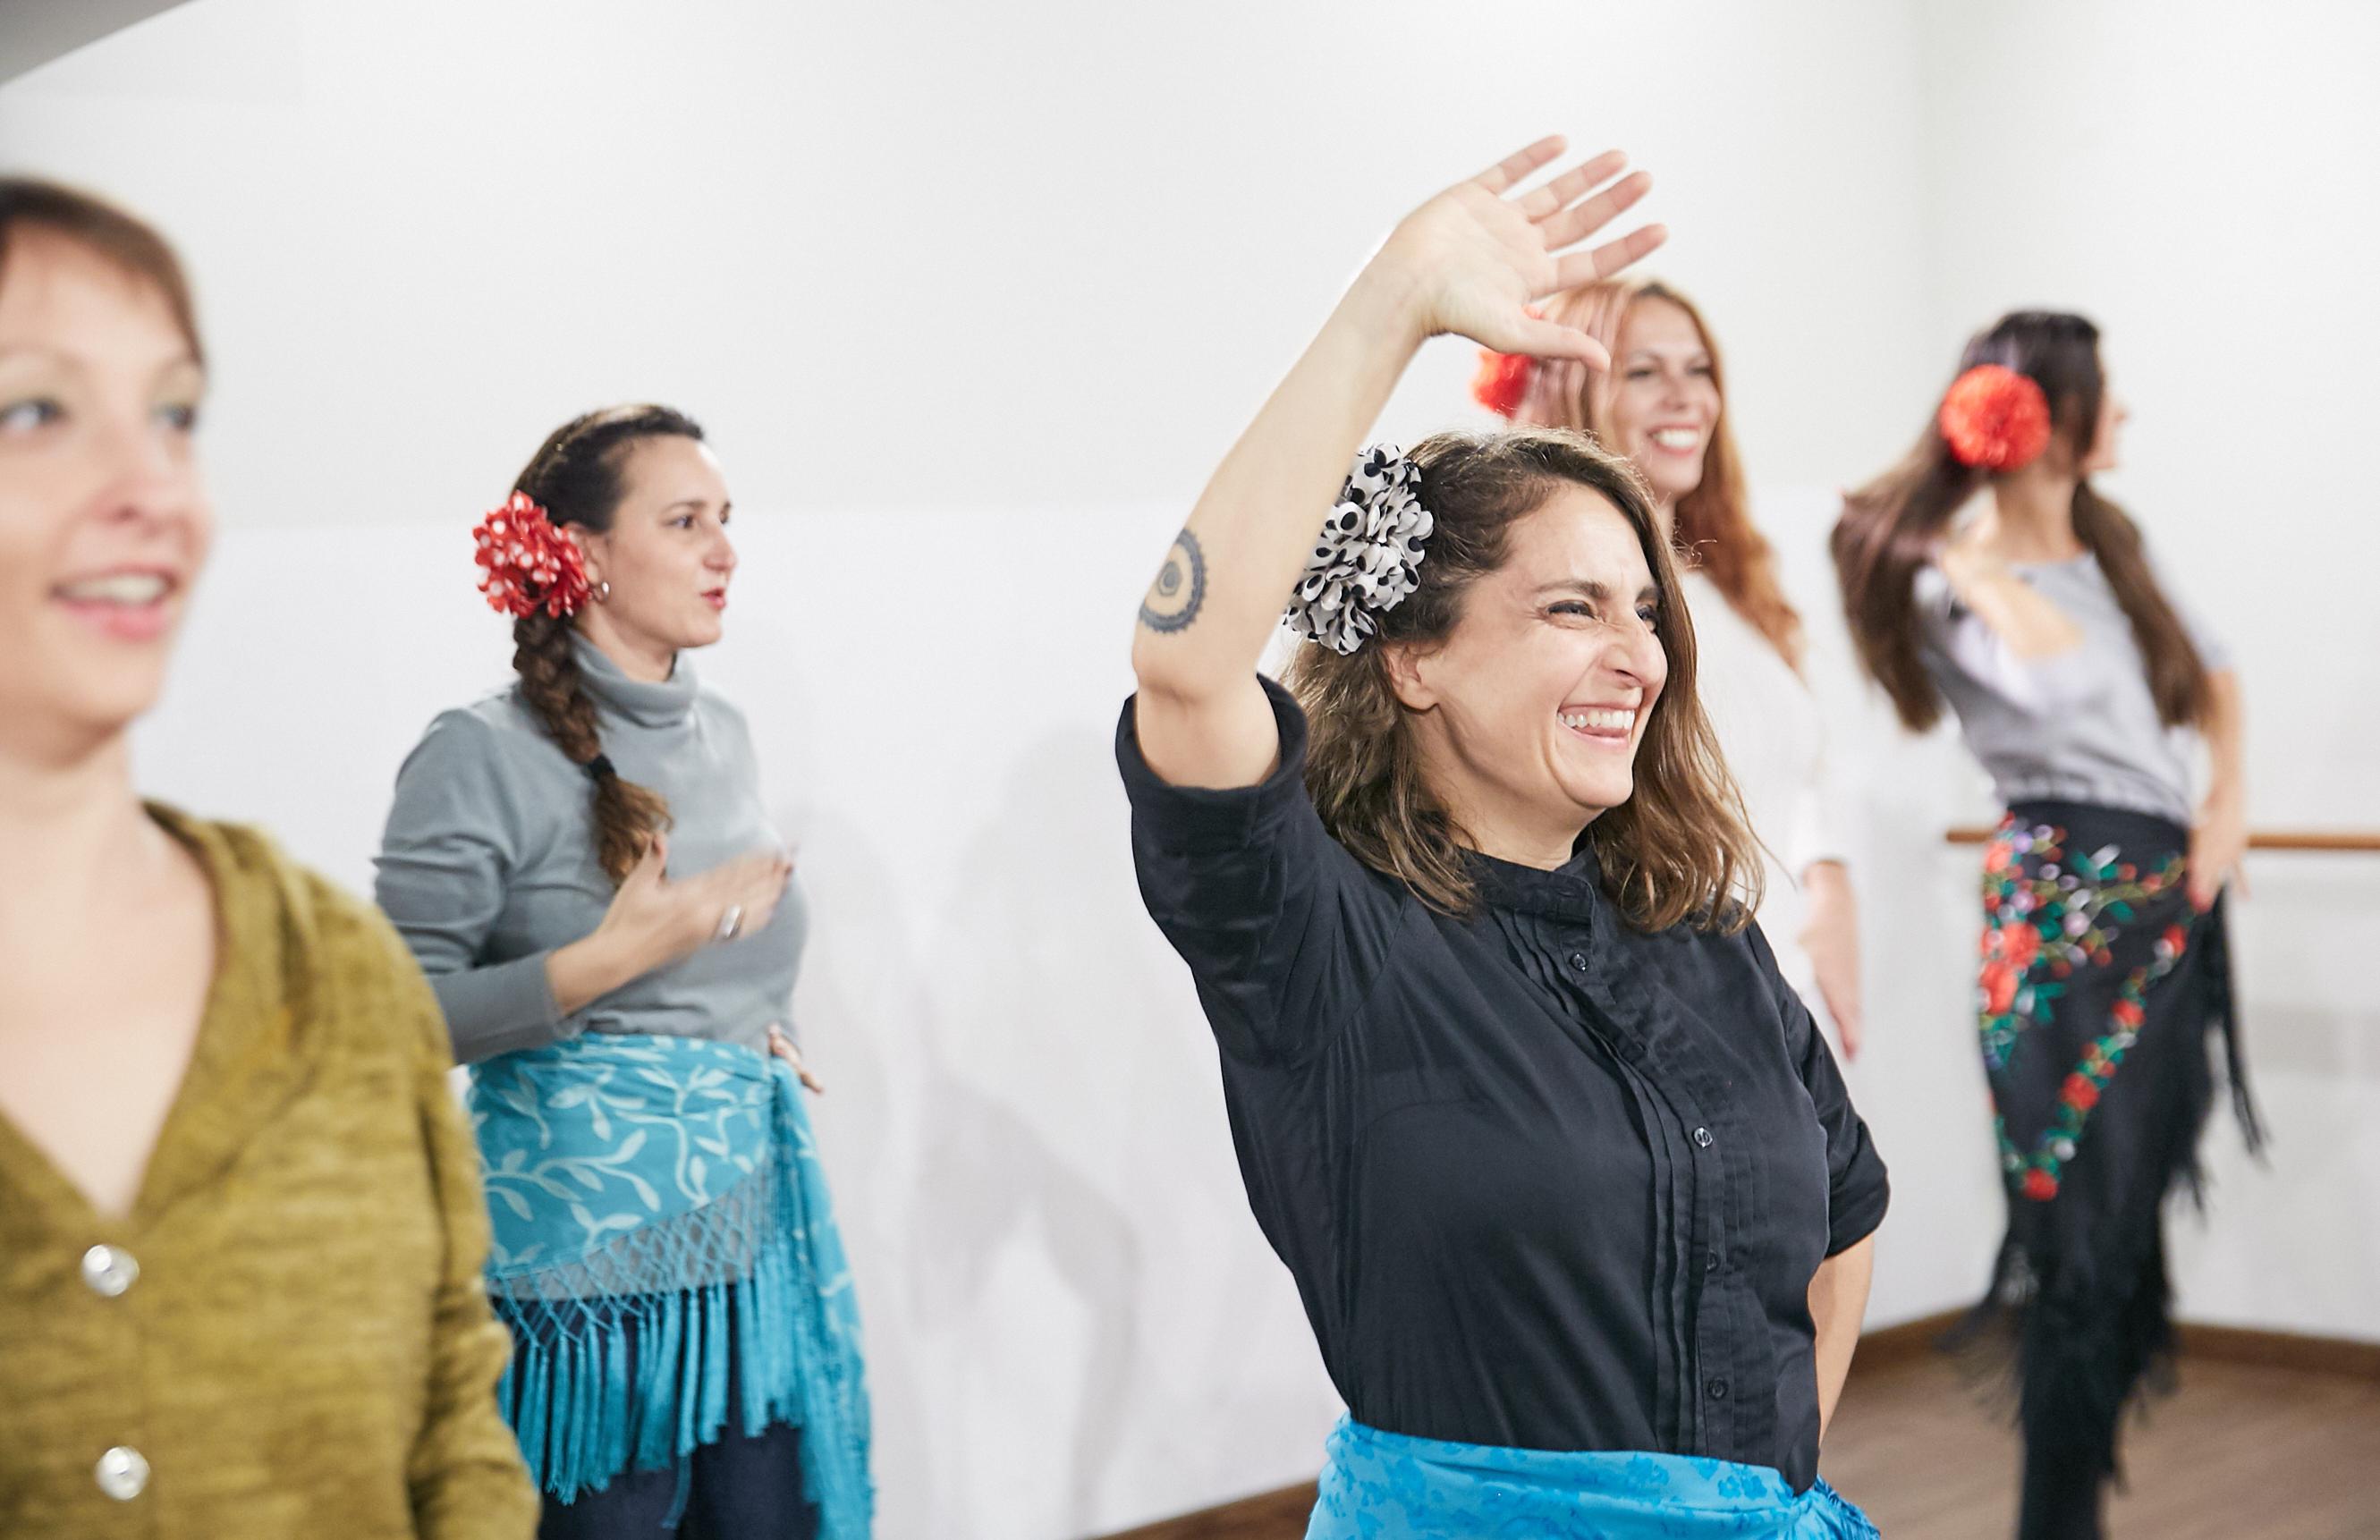 Turismo cultura flamenco 2 - Lucero Cárdenas